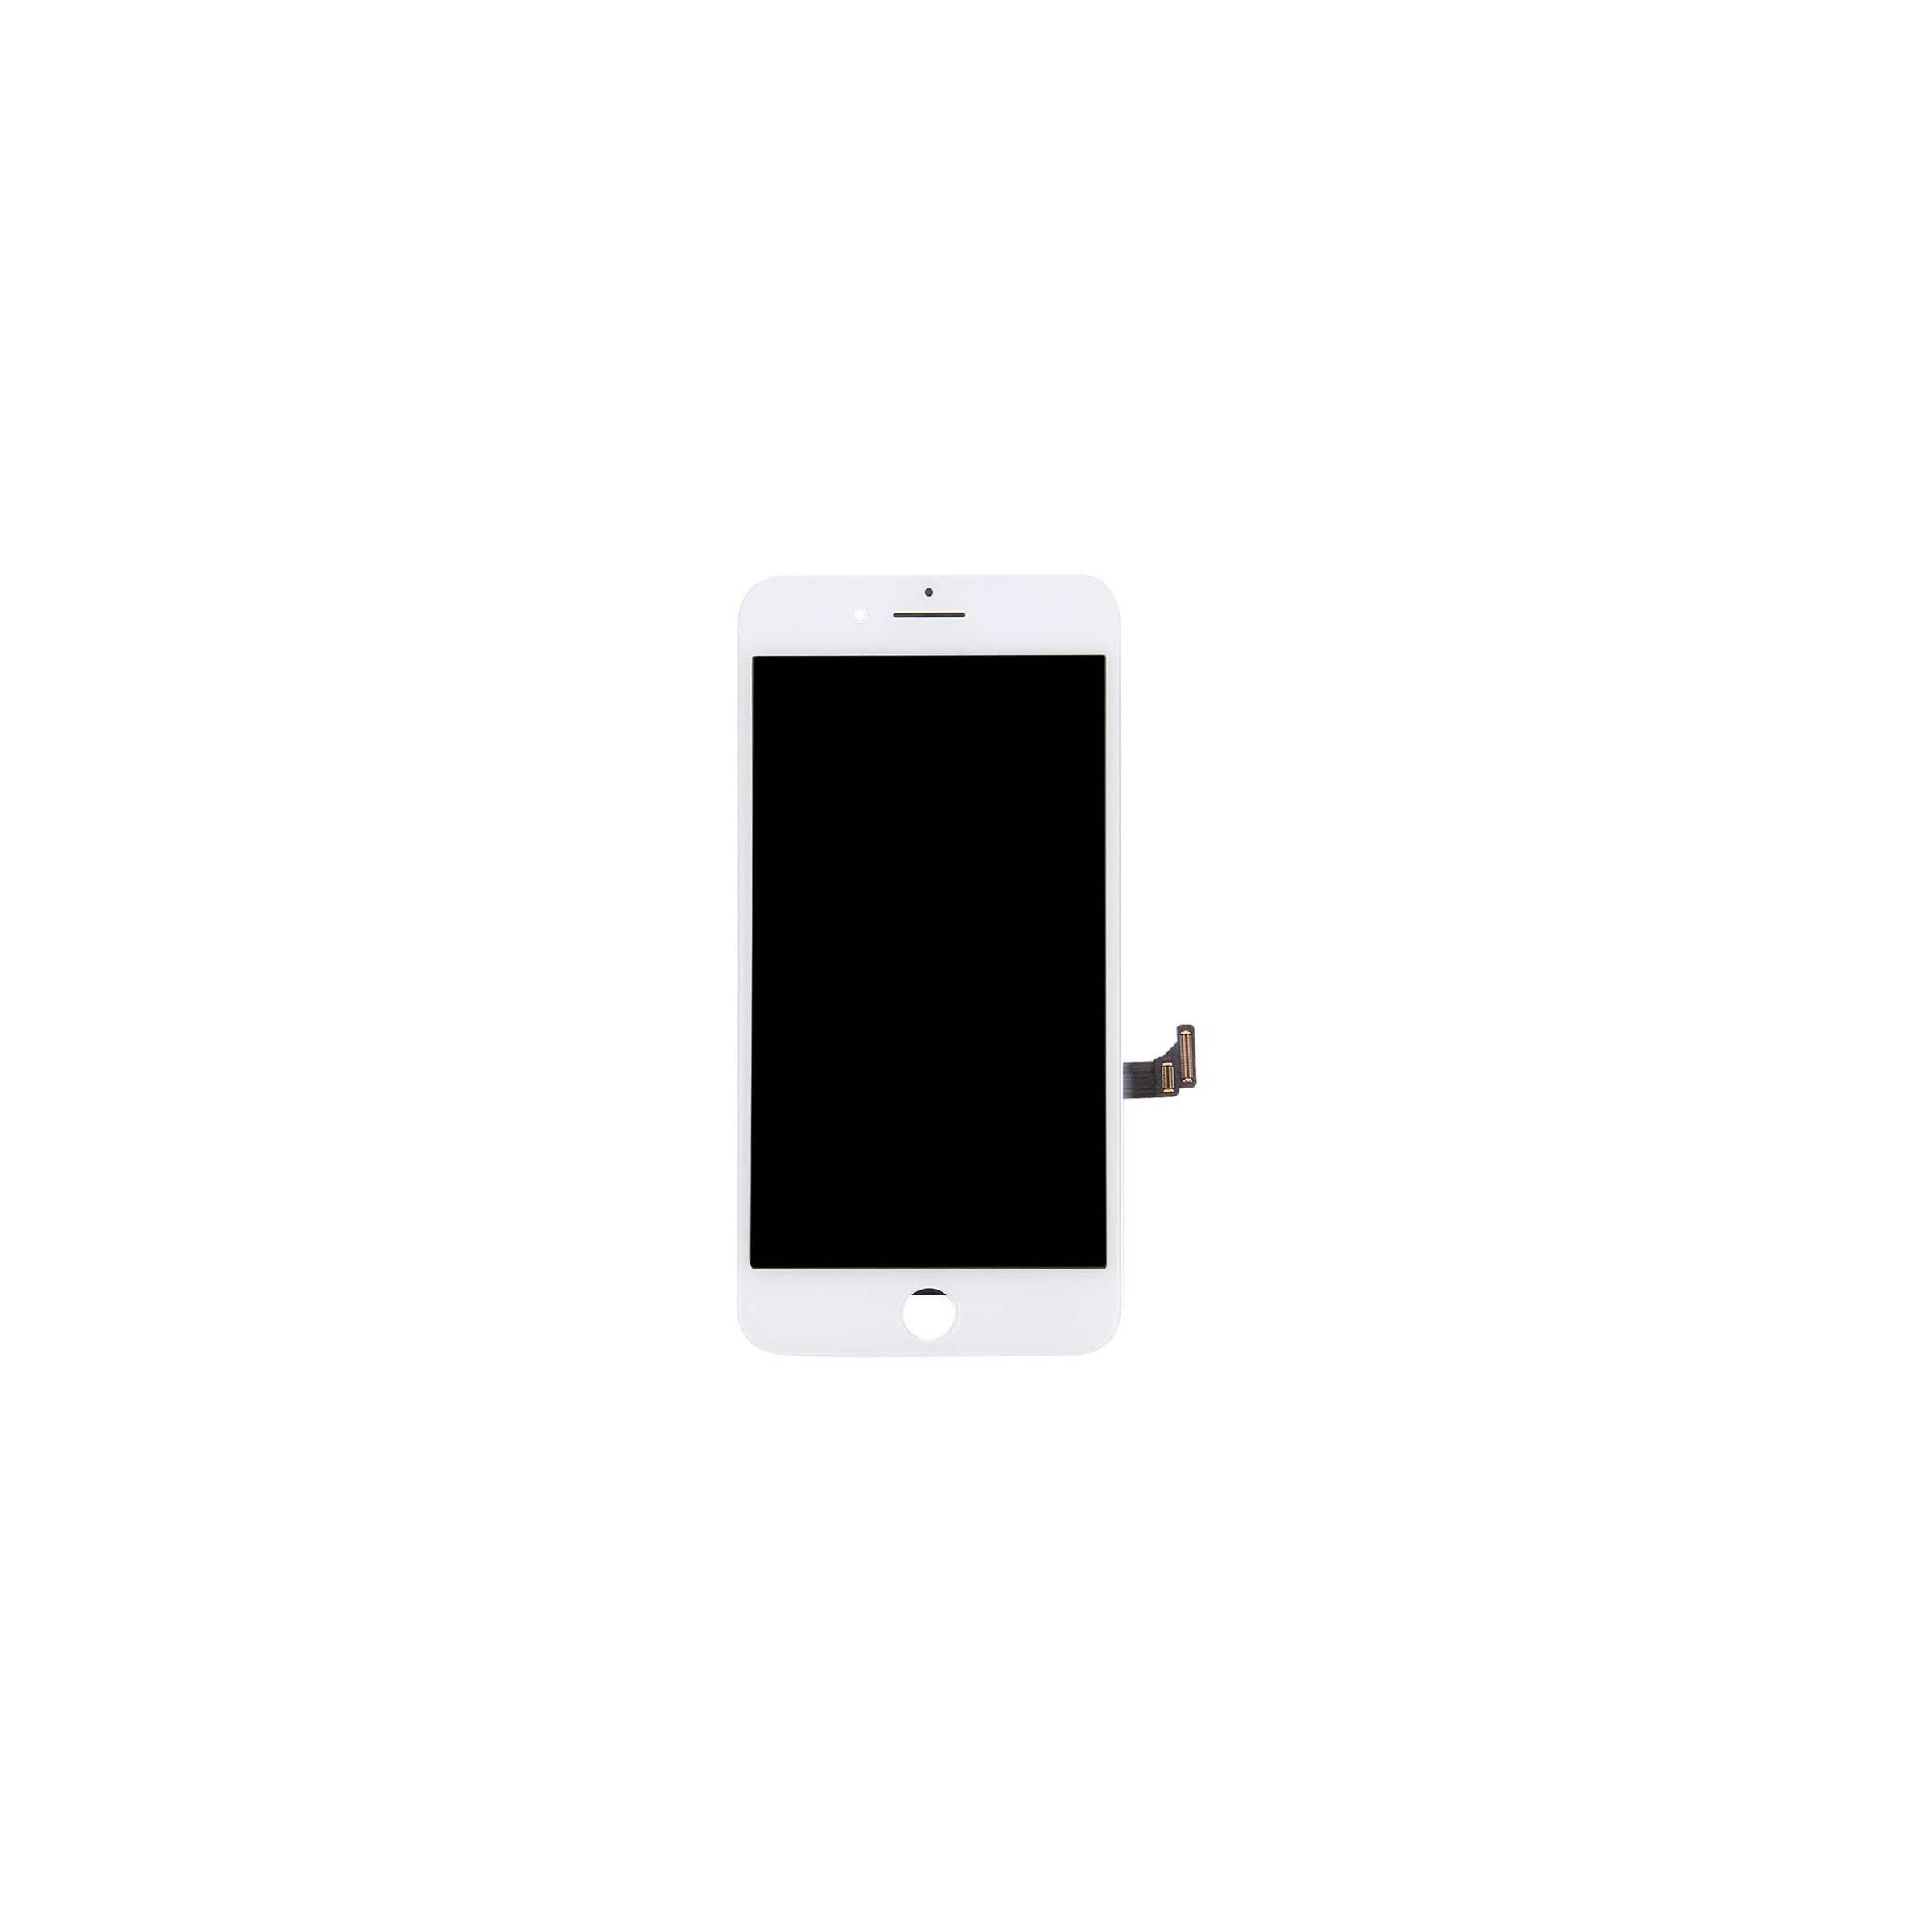 sinox – Iphone 7 plus skærm i høj kvalitet farve hvid fra mackabler.dk